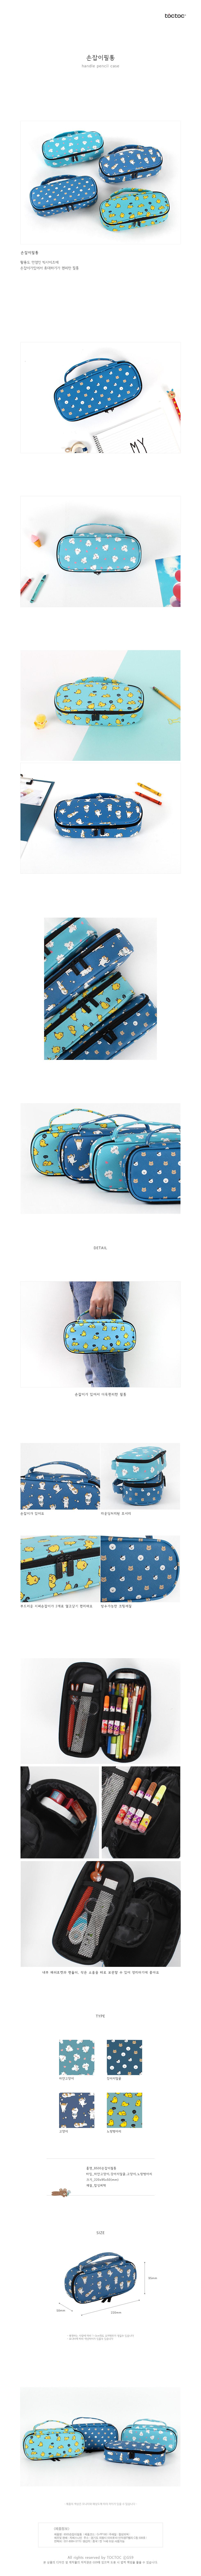 8500 캐릭터 손잡이 필통 - 톡톡팬시, 8,500원, 가죽/합성피혁필통, 패턴